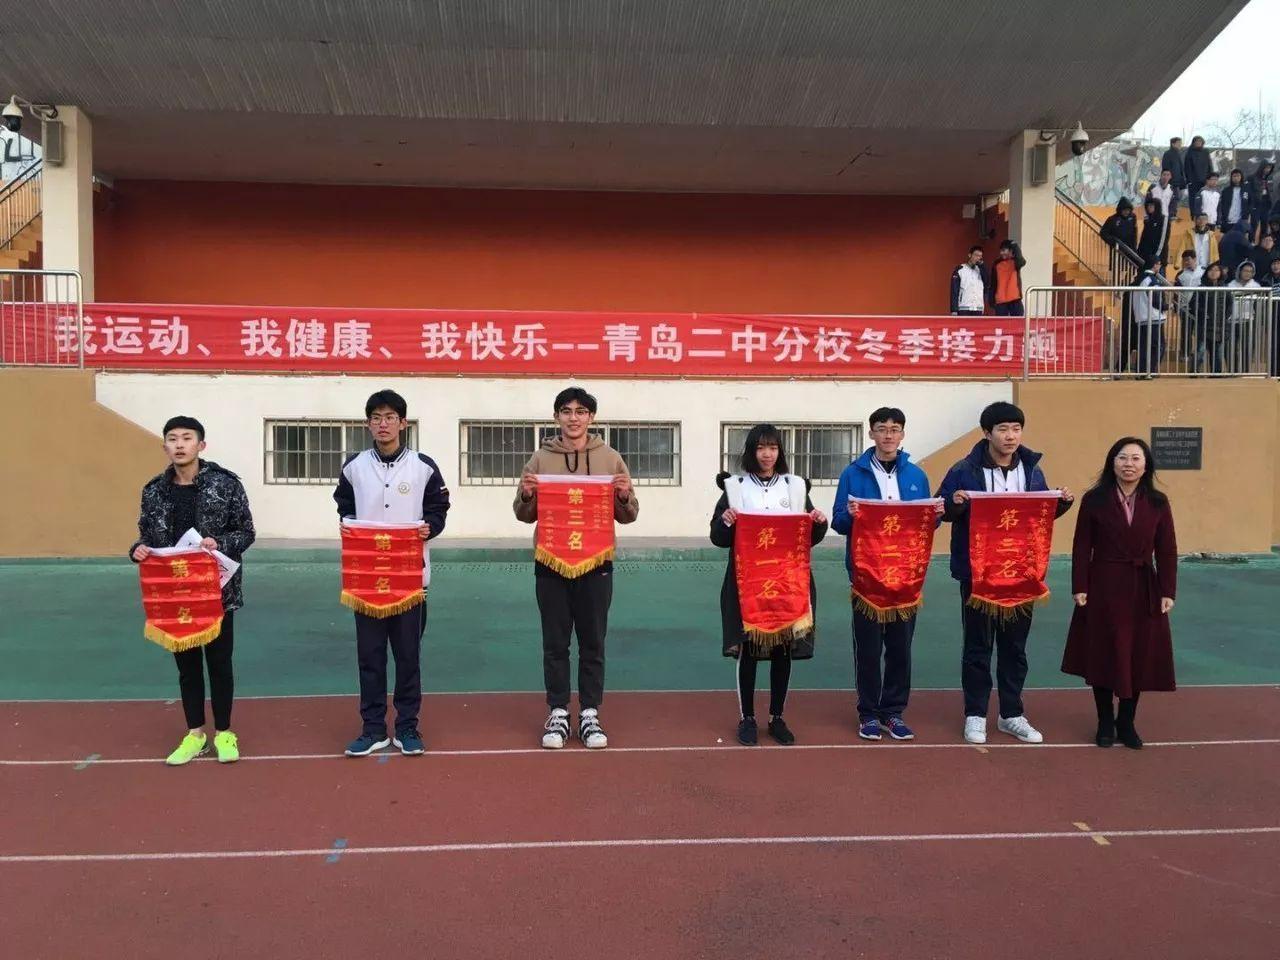 我运动我健康我快乐——青岛二中分校冬季接力跑比赛圆满举行